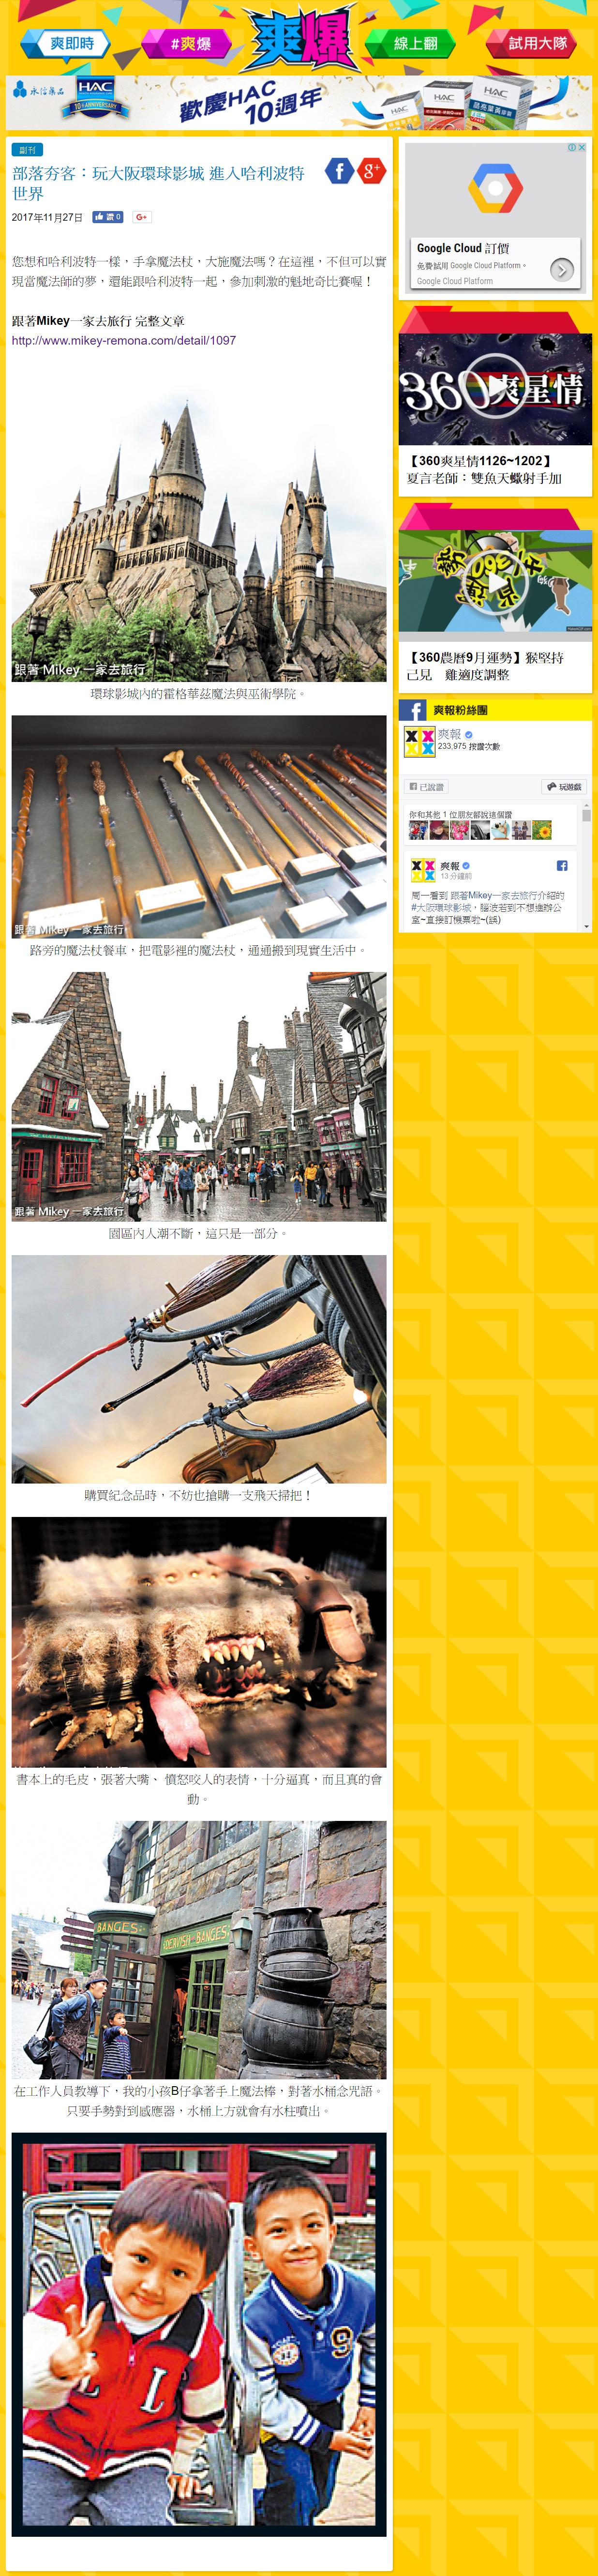 跟著 Mikey 一家去旅行 - 【 媒體露出 】爽報 - 部落夯客 - 『 玩大阪環球影城 進入哈利波特世界 』